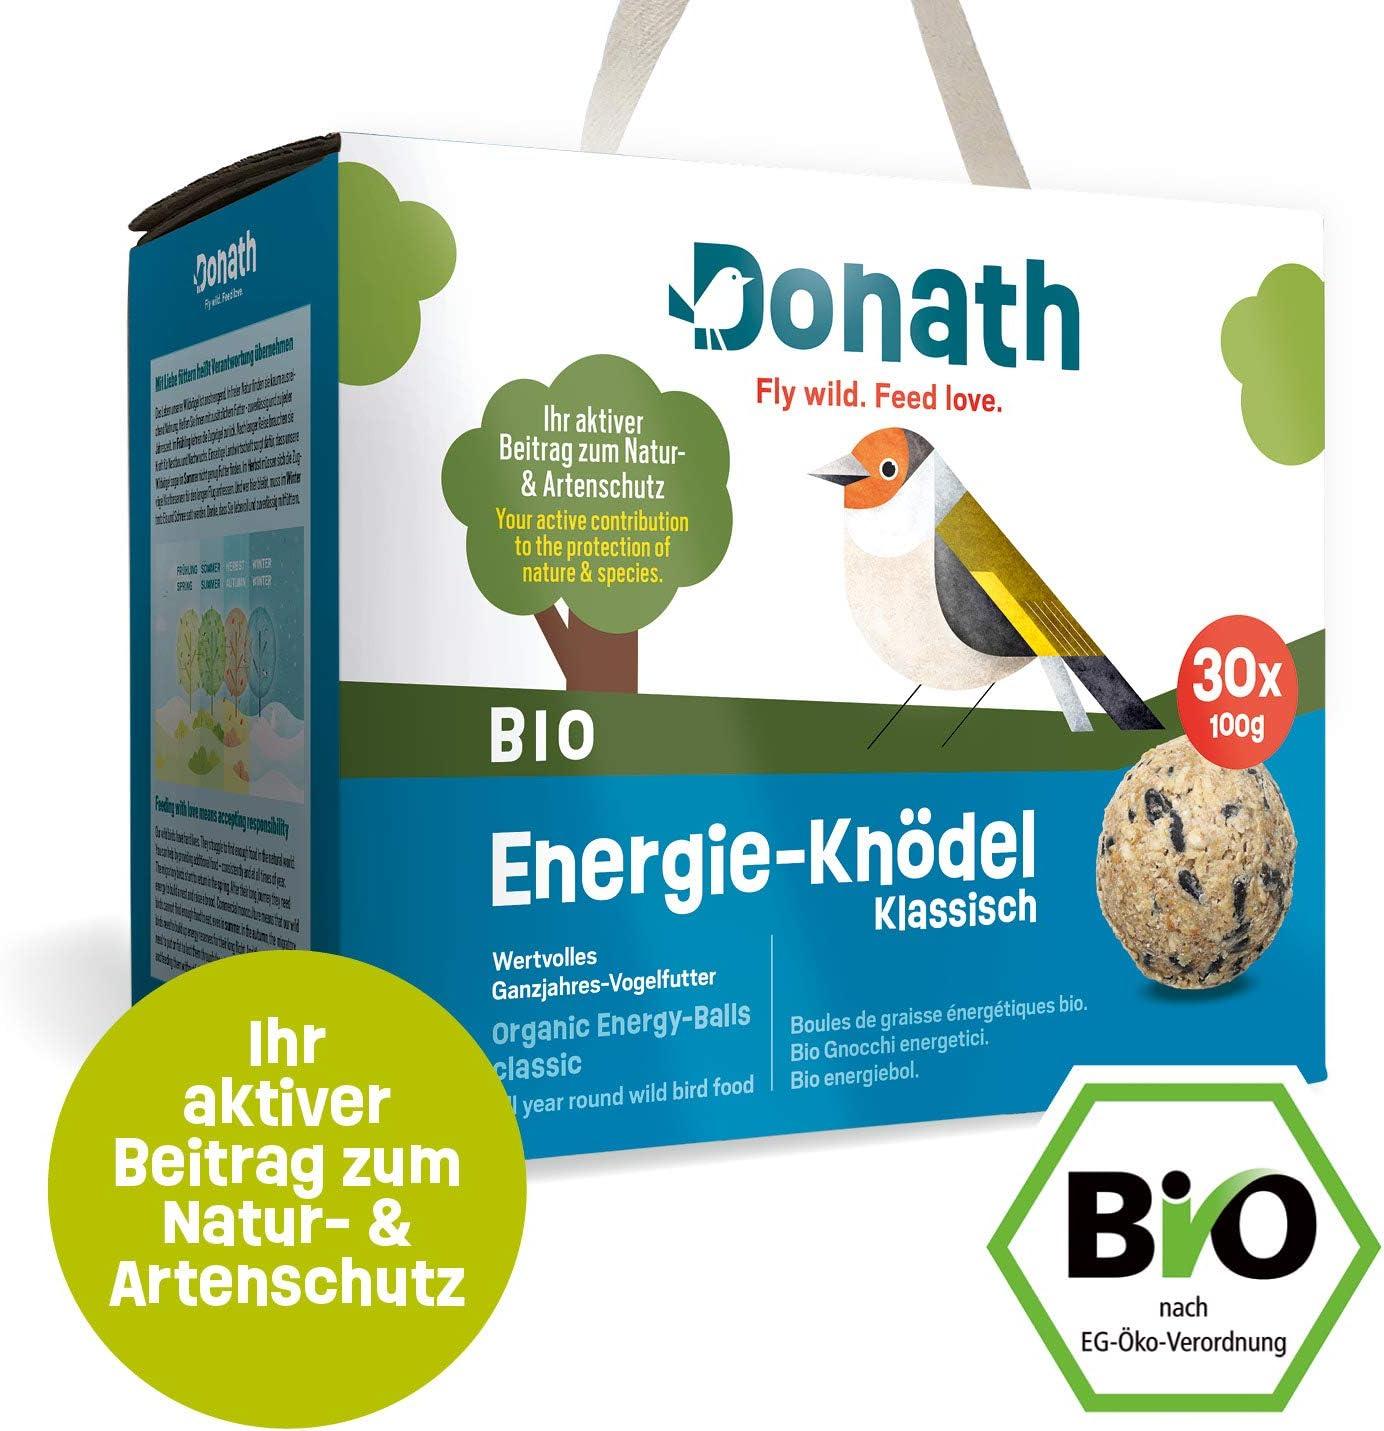 Donath BIO Energie-Kn/ödel Klassisch mit kraftspendendem Fett Meisenkn/ödel ohne Netz aus unserer Manufaktur in S/üddeutschland ohne Netz 100g je Kn/ödel wertvolles Ganzjahres Wildvogelfutter